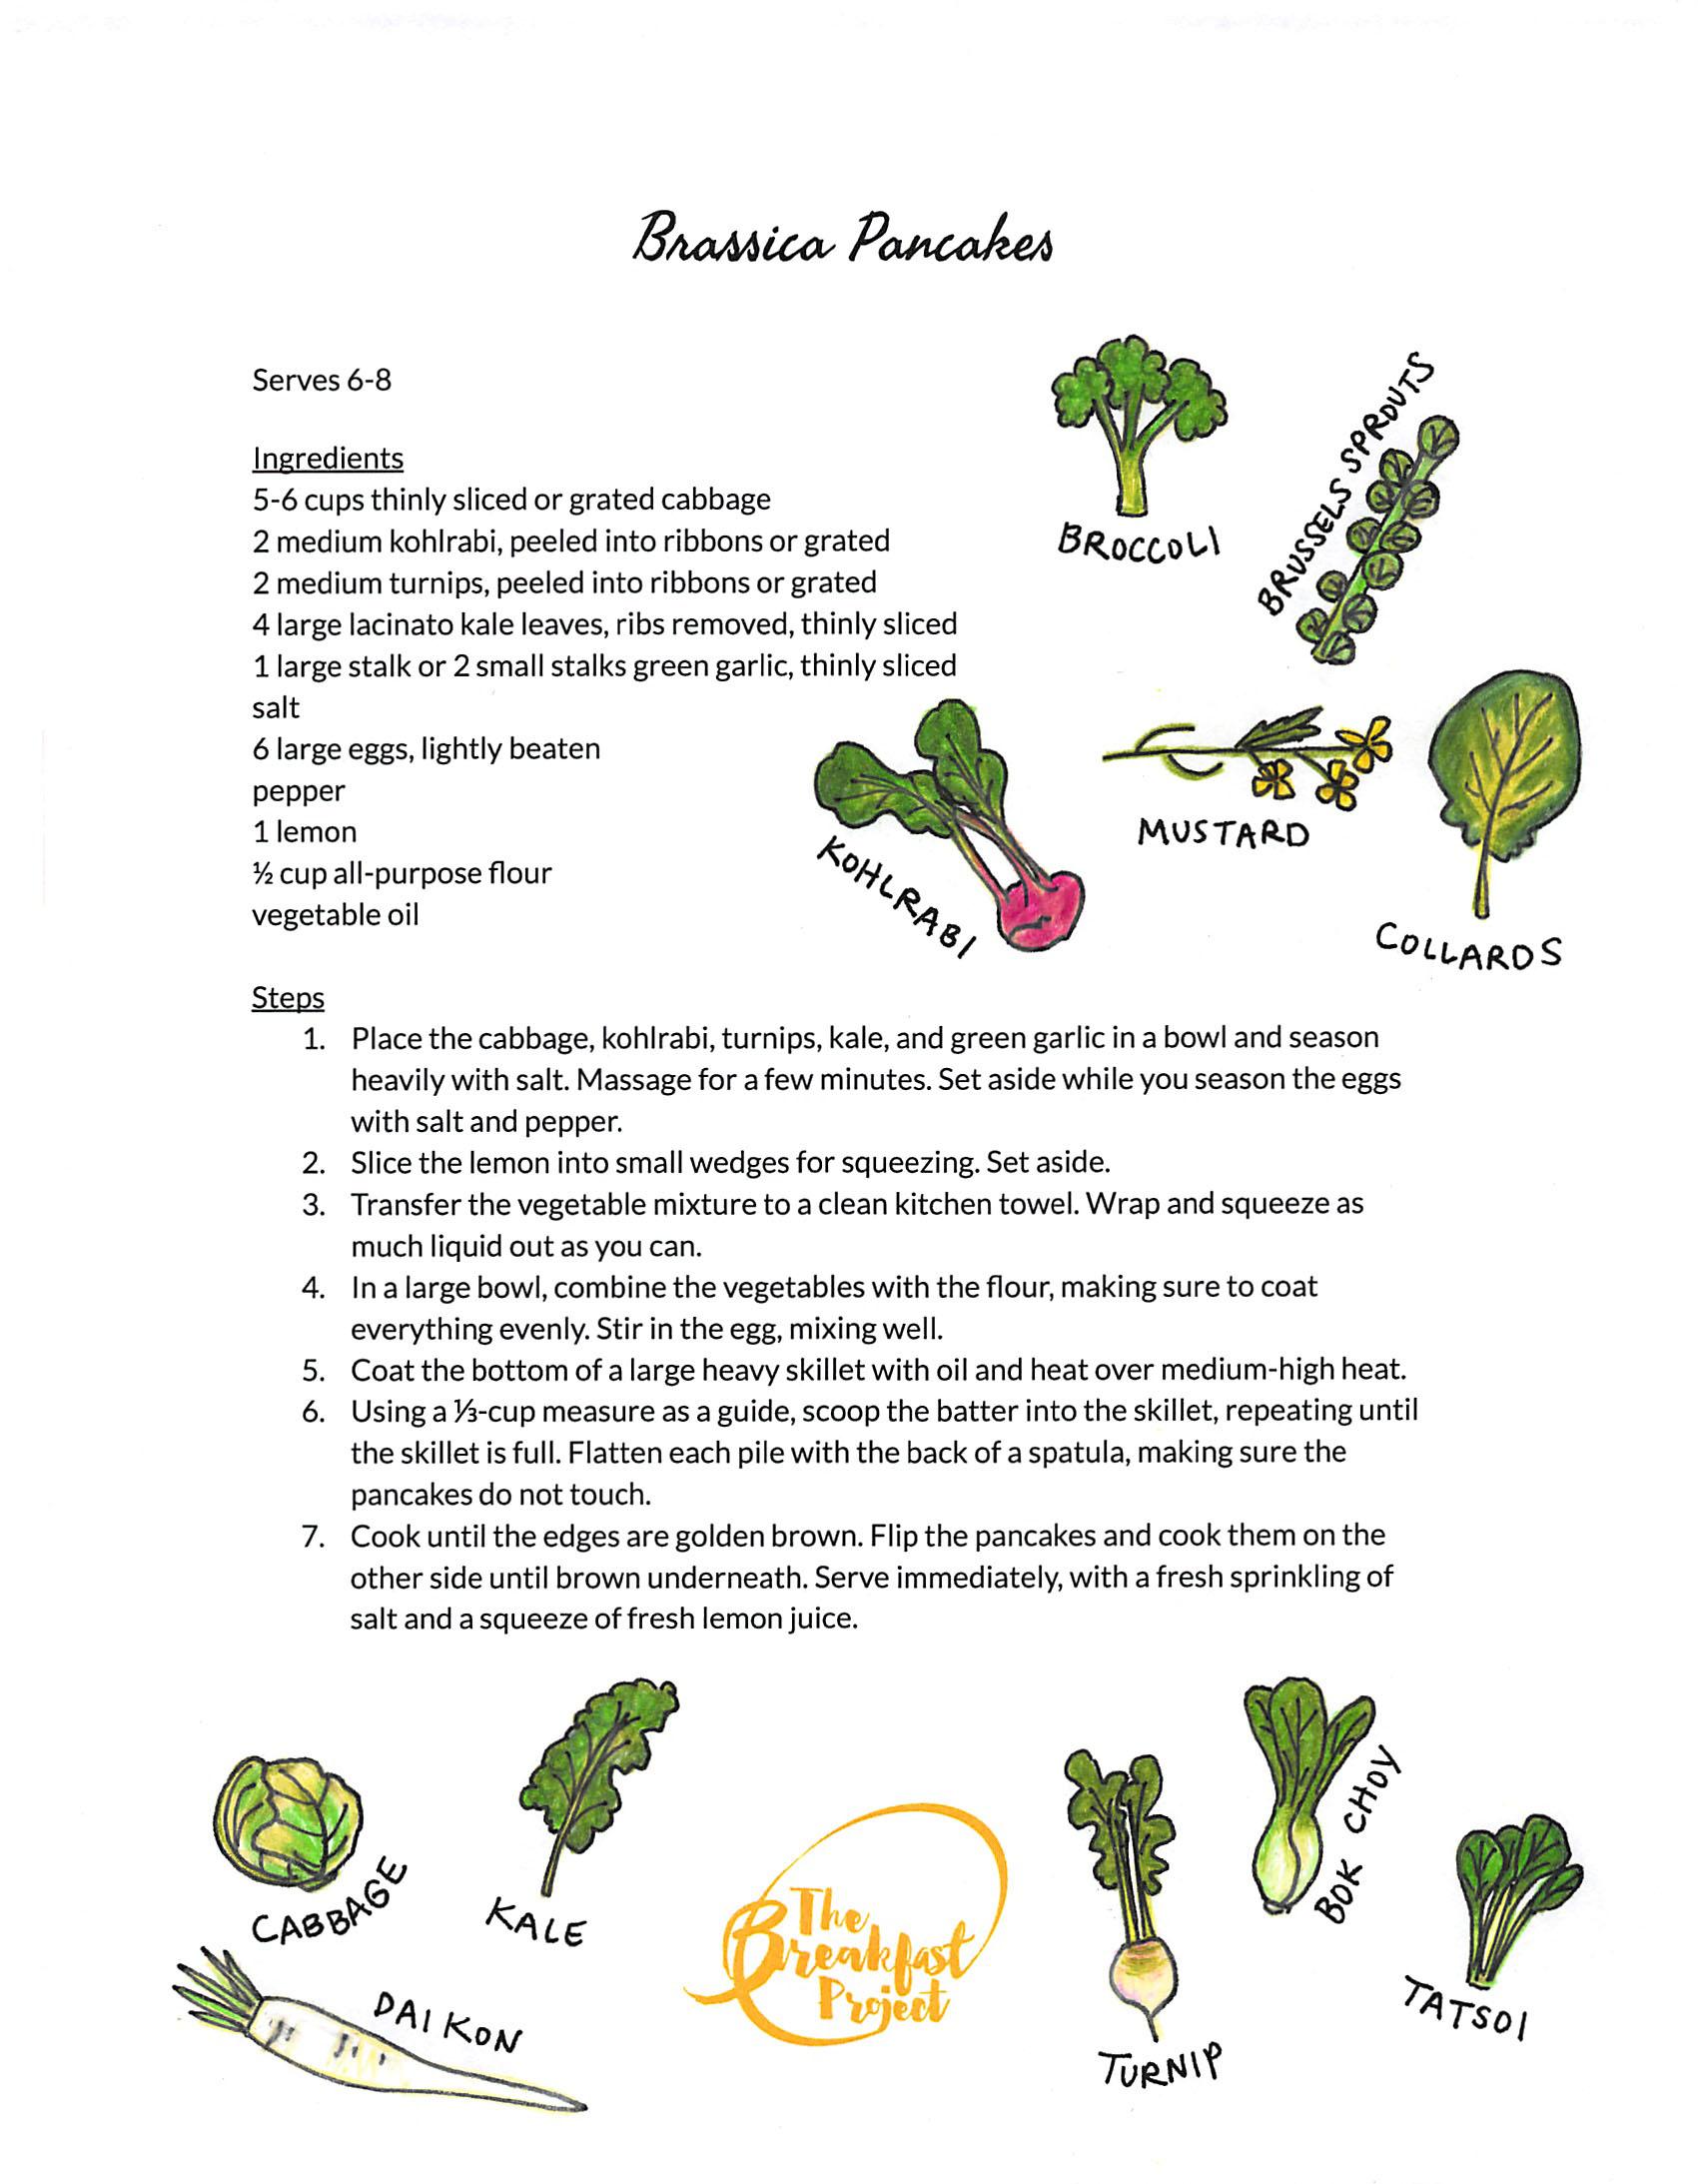 BrassicaPancakessmall.jpg